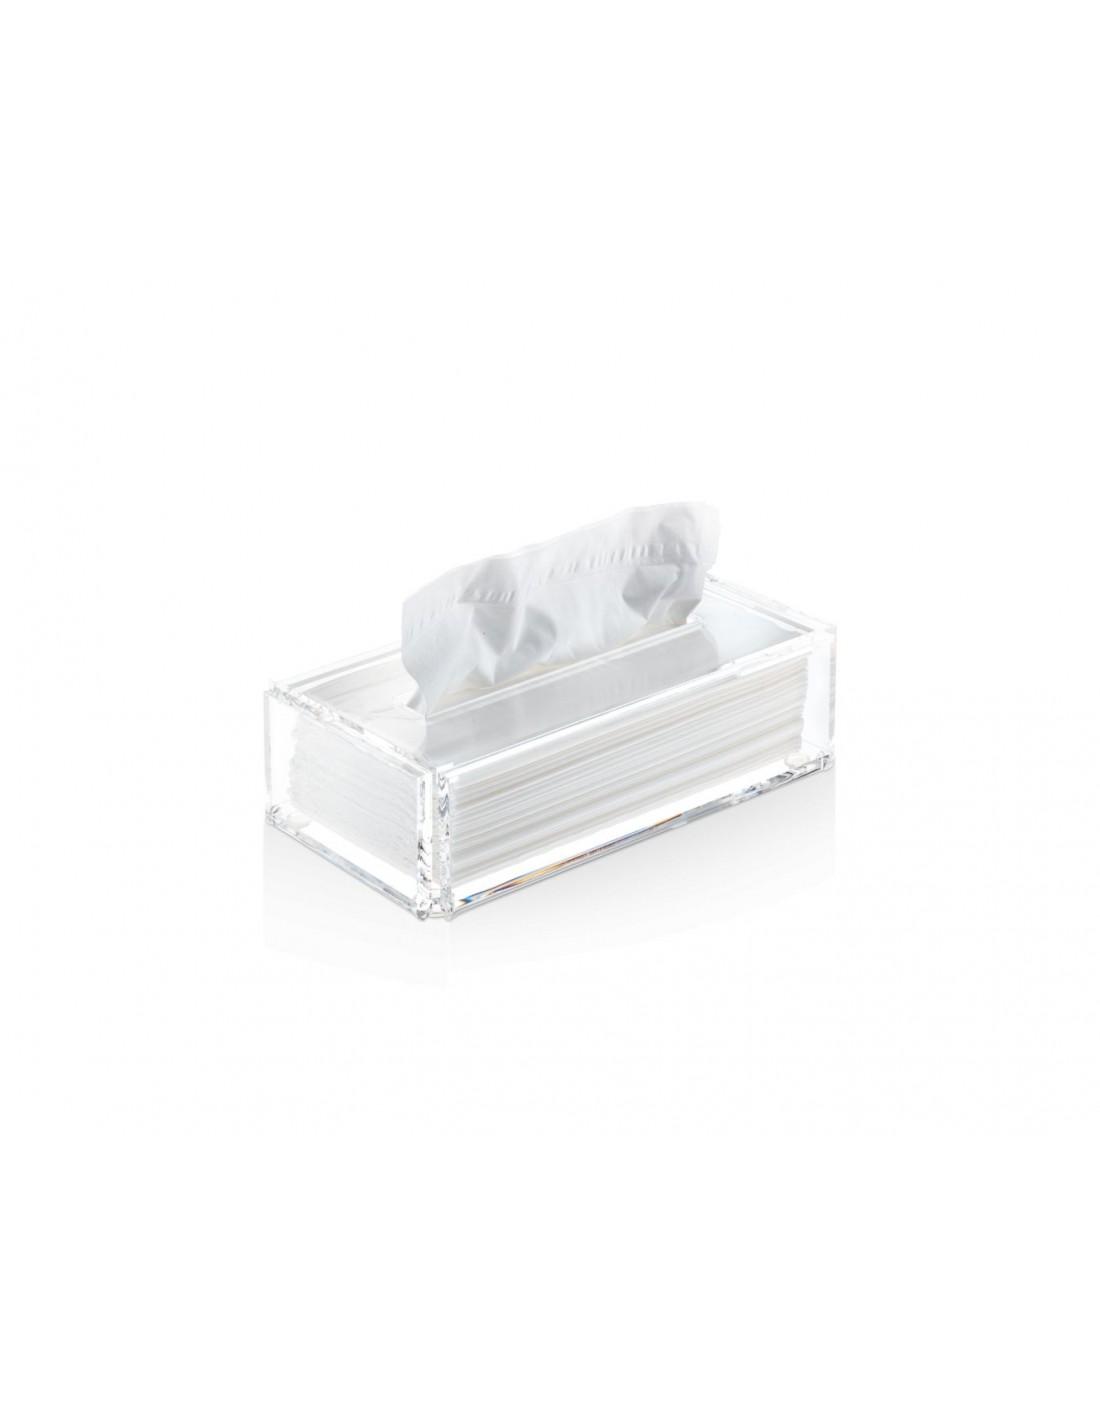 boîte à mouchoirs transparente SKY KB de Decor Walther Valente Design